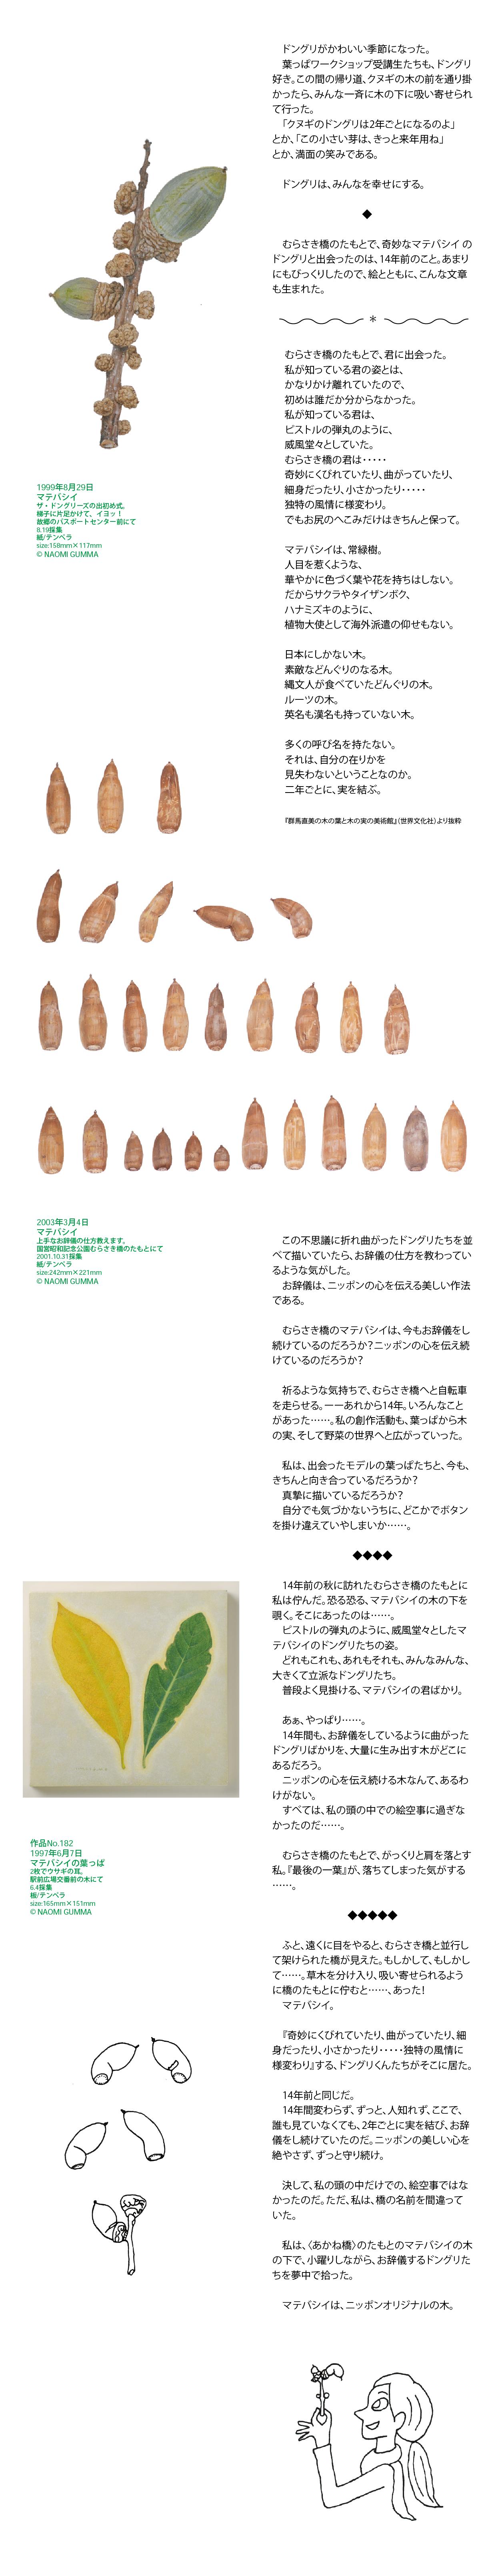 葉画家・群馬直美さんのアートコラム Second season 第1回イメージ1